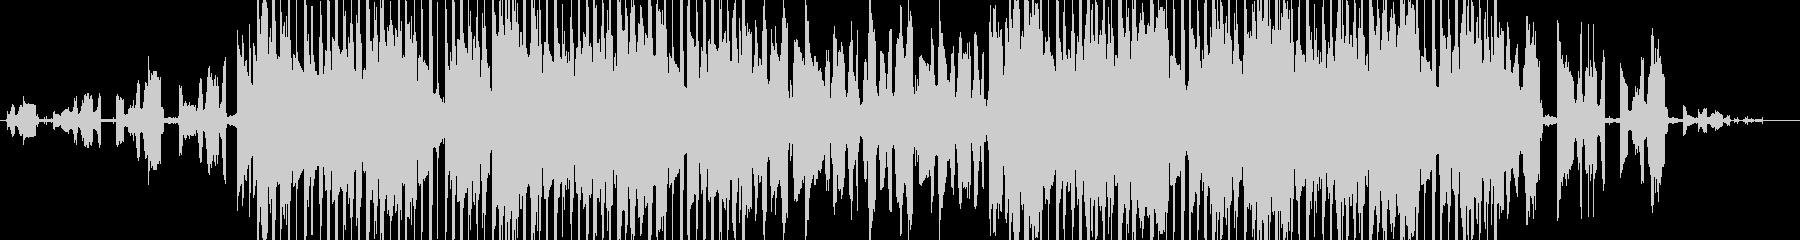 レトロなサウンド、ゆったりヒップホップの未再生の波形